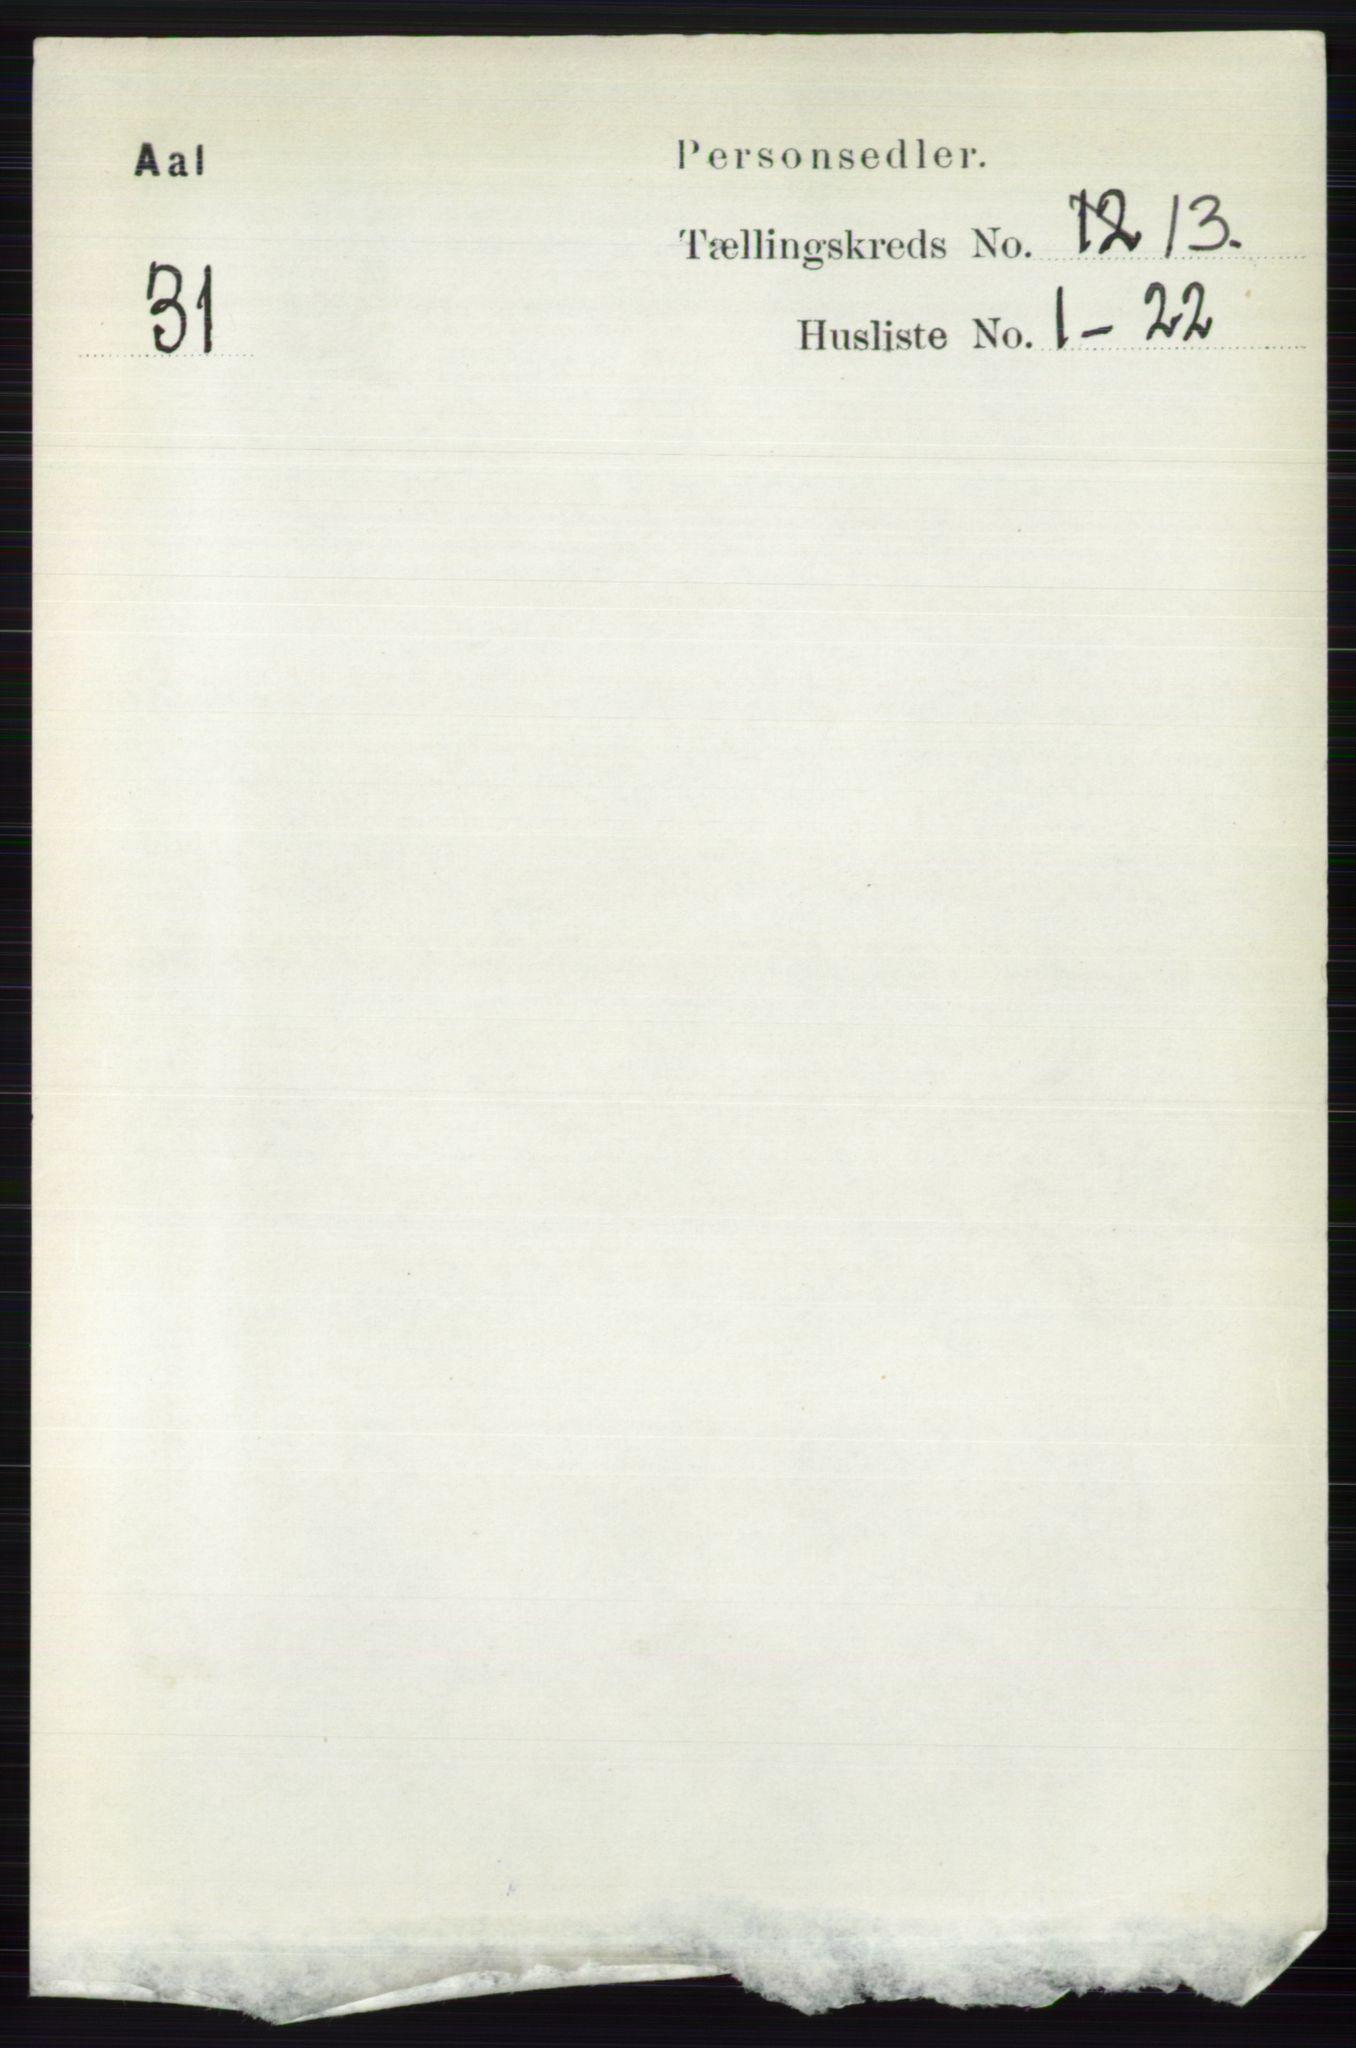 RA, Folketelling 1891 for 0619 Ål herred, 1891, s. 3257